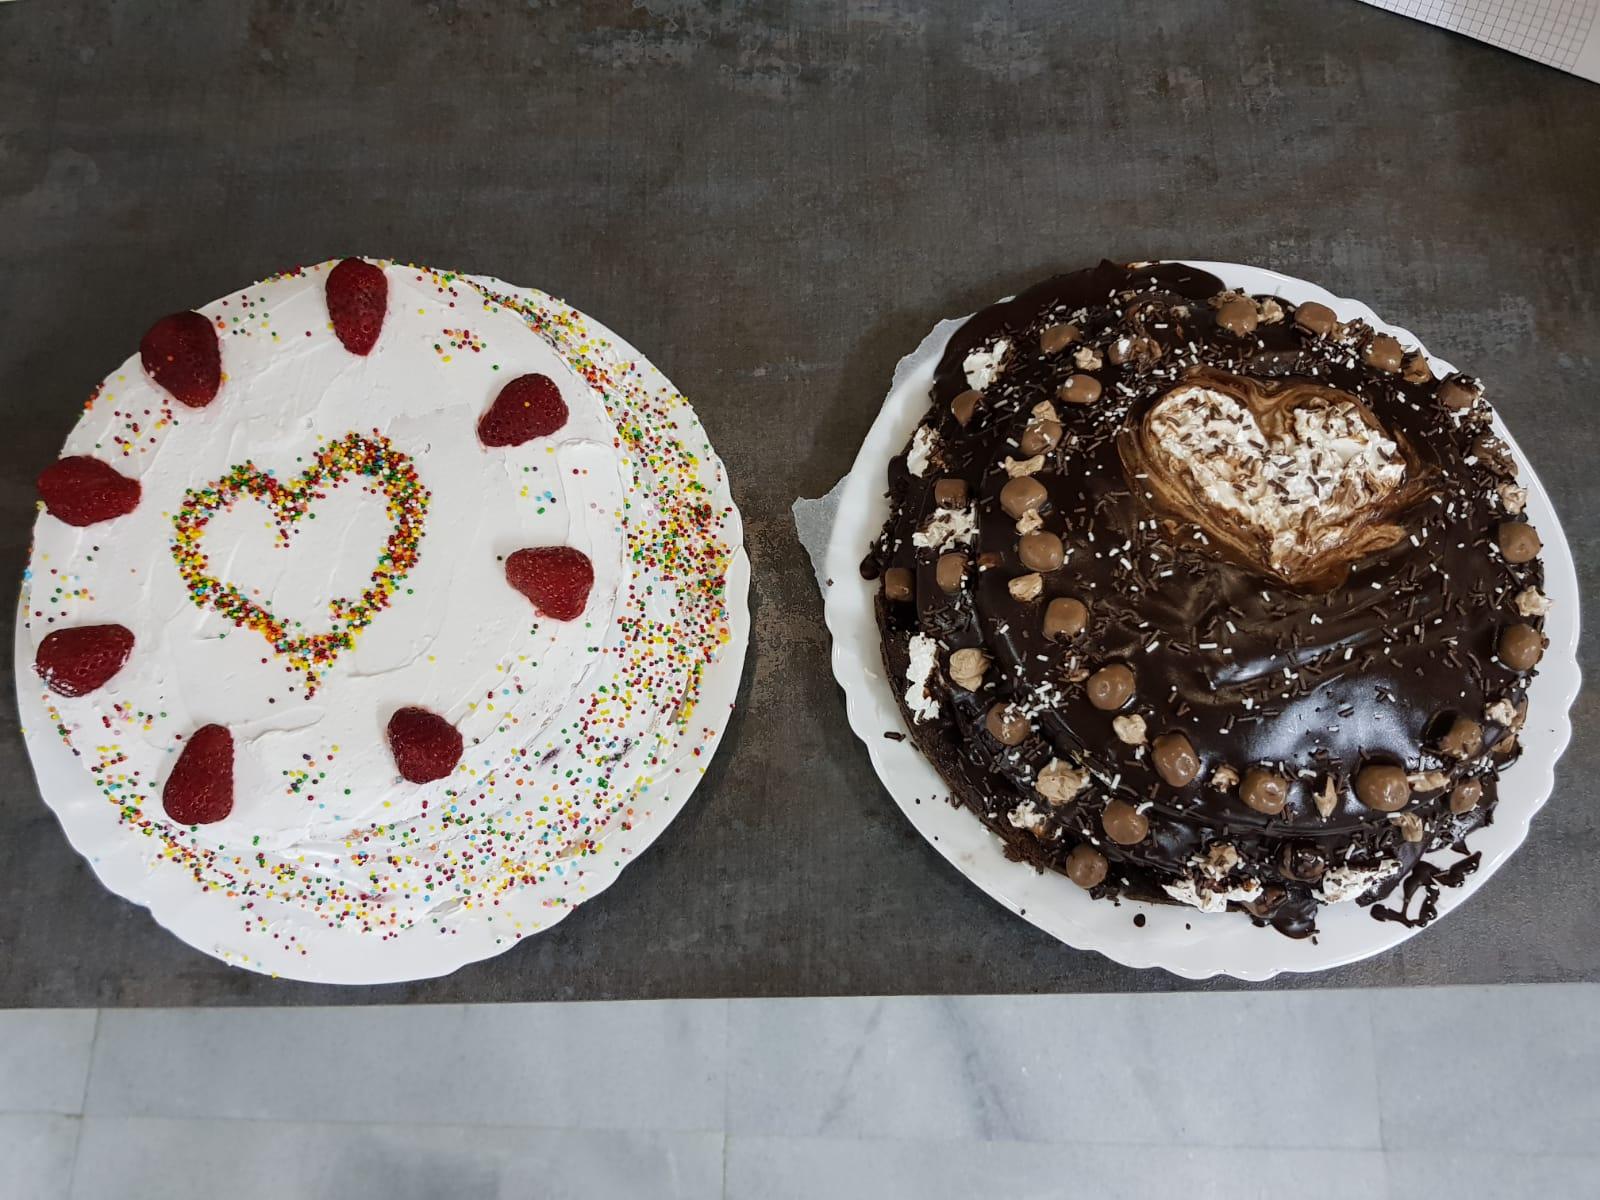 Z кемп ден 8 - Правене на торта, шоколадова и ягодова със сметана